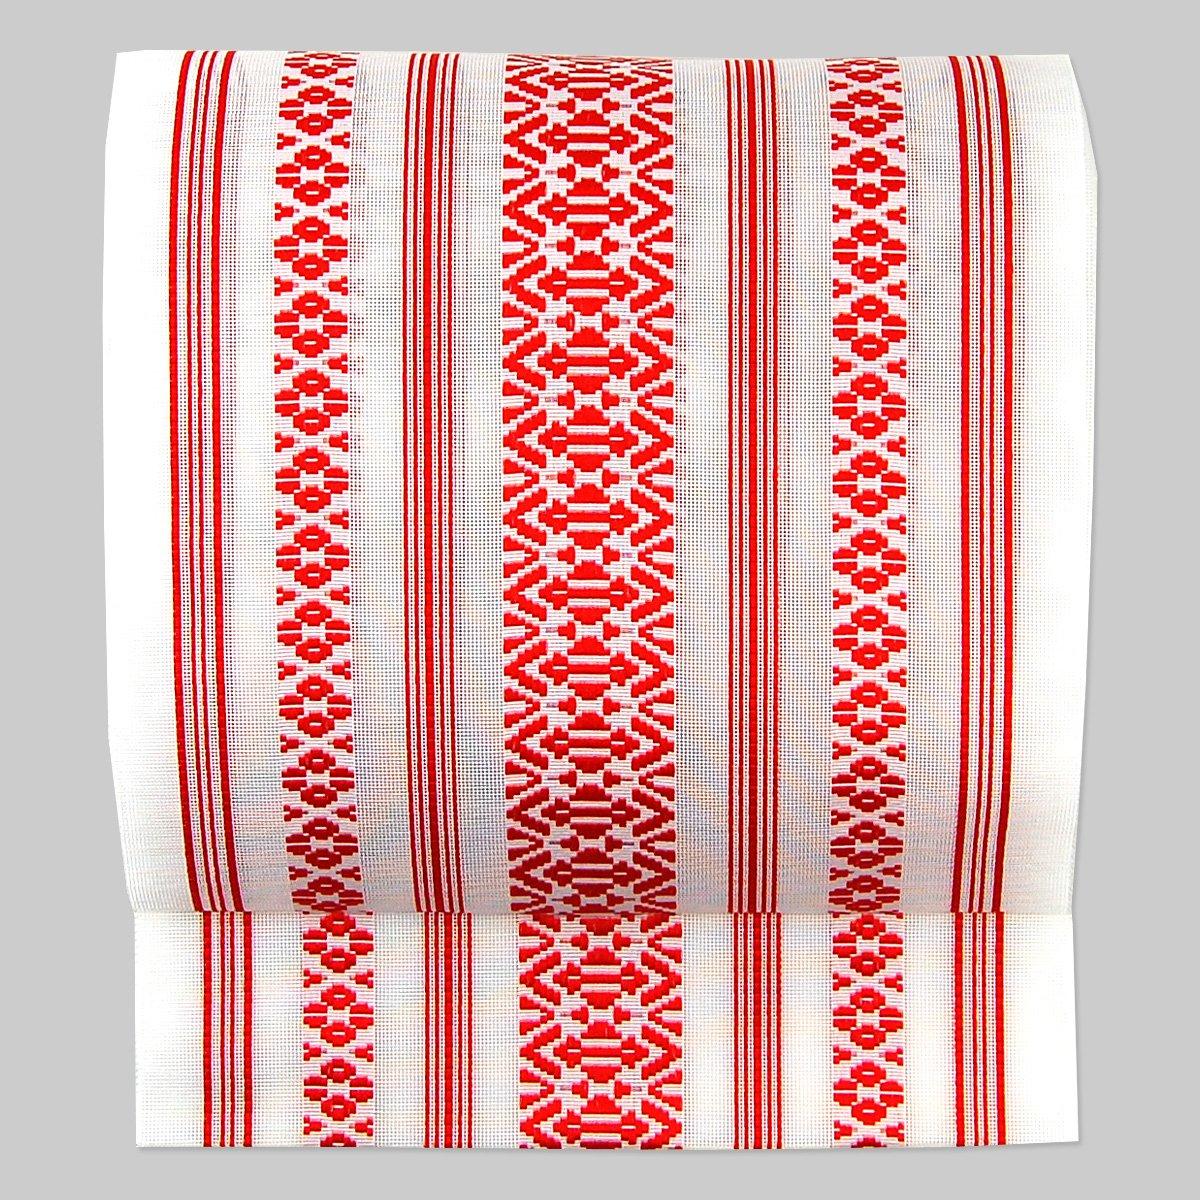 夏帯18色(紗献上袋名古屋帯)締め心地爽やか かがり仕立付 B002SIYTHC かがり仕立|14:白地に赤 14:白地に赤 かがり仕立